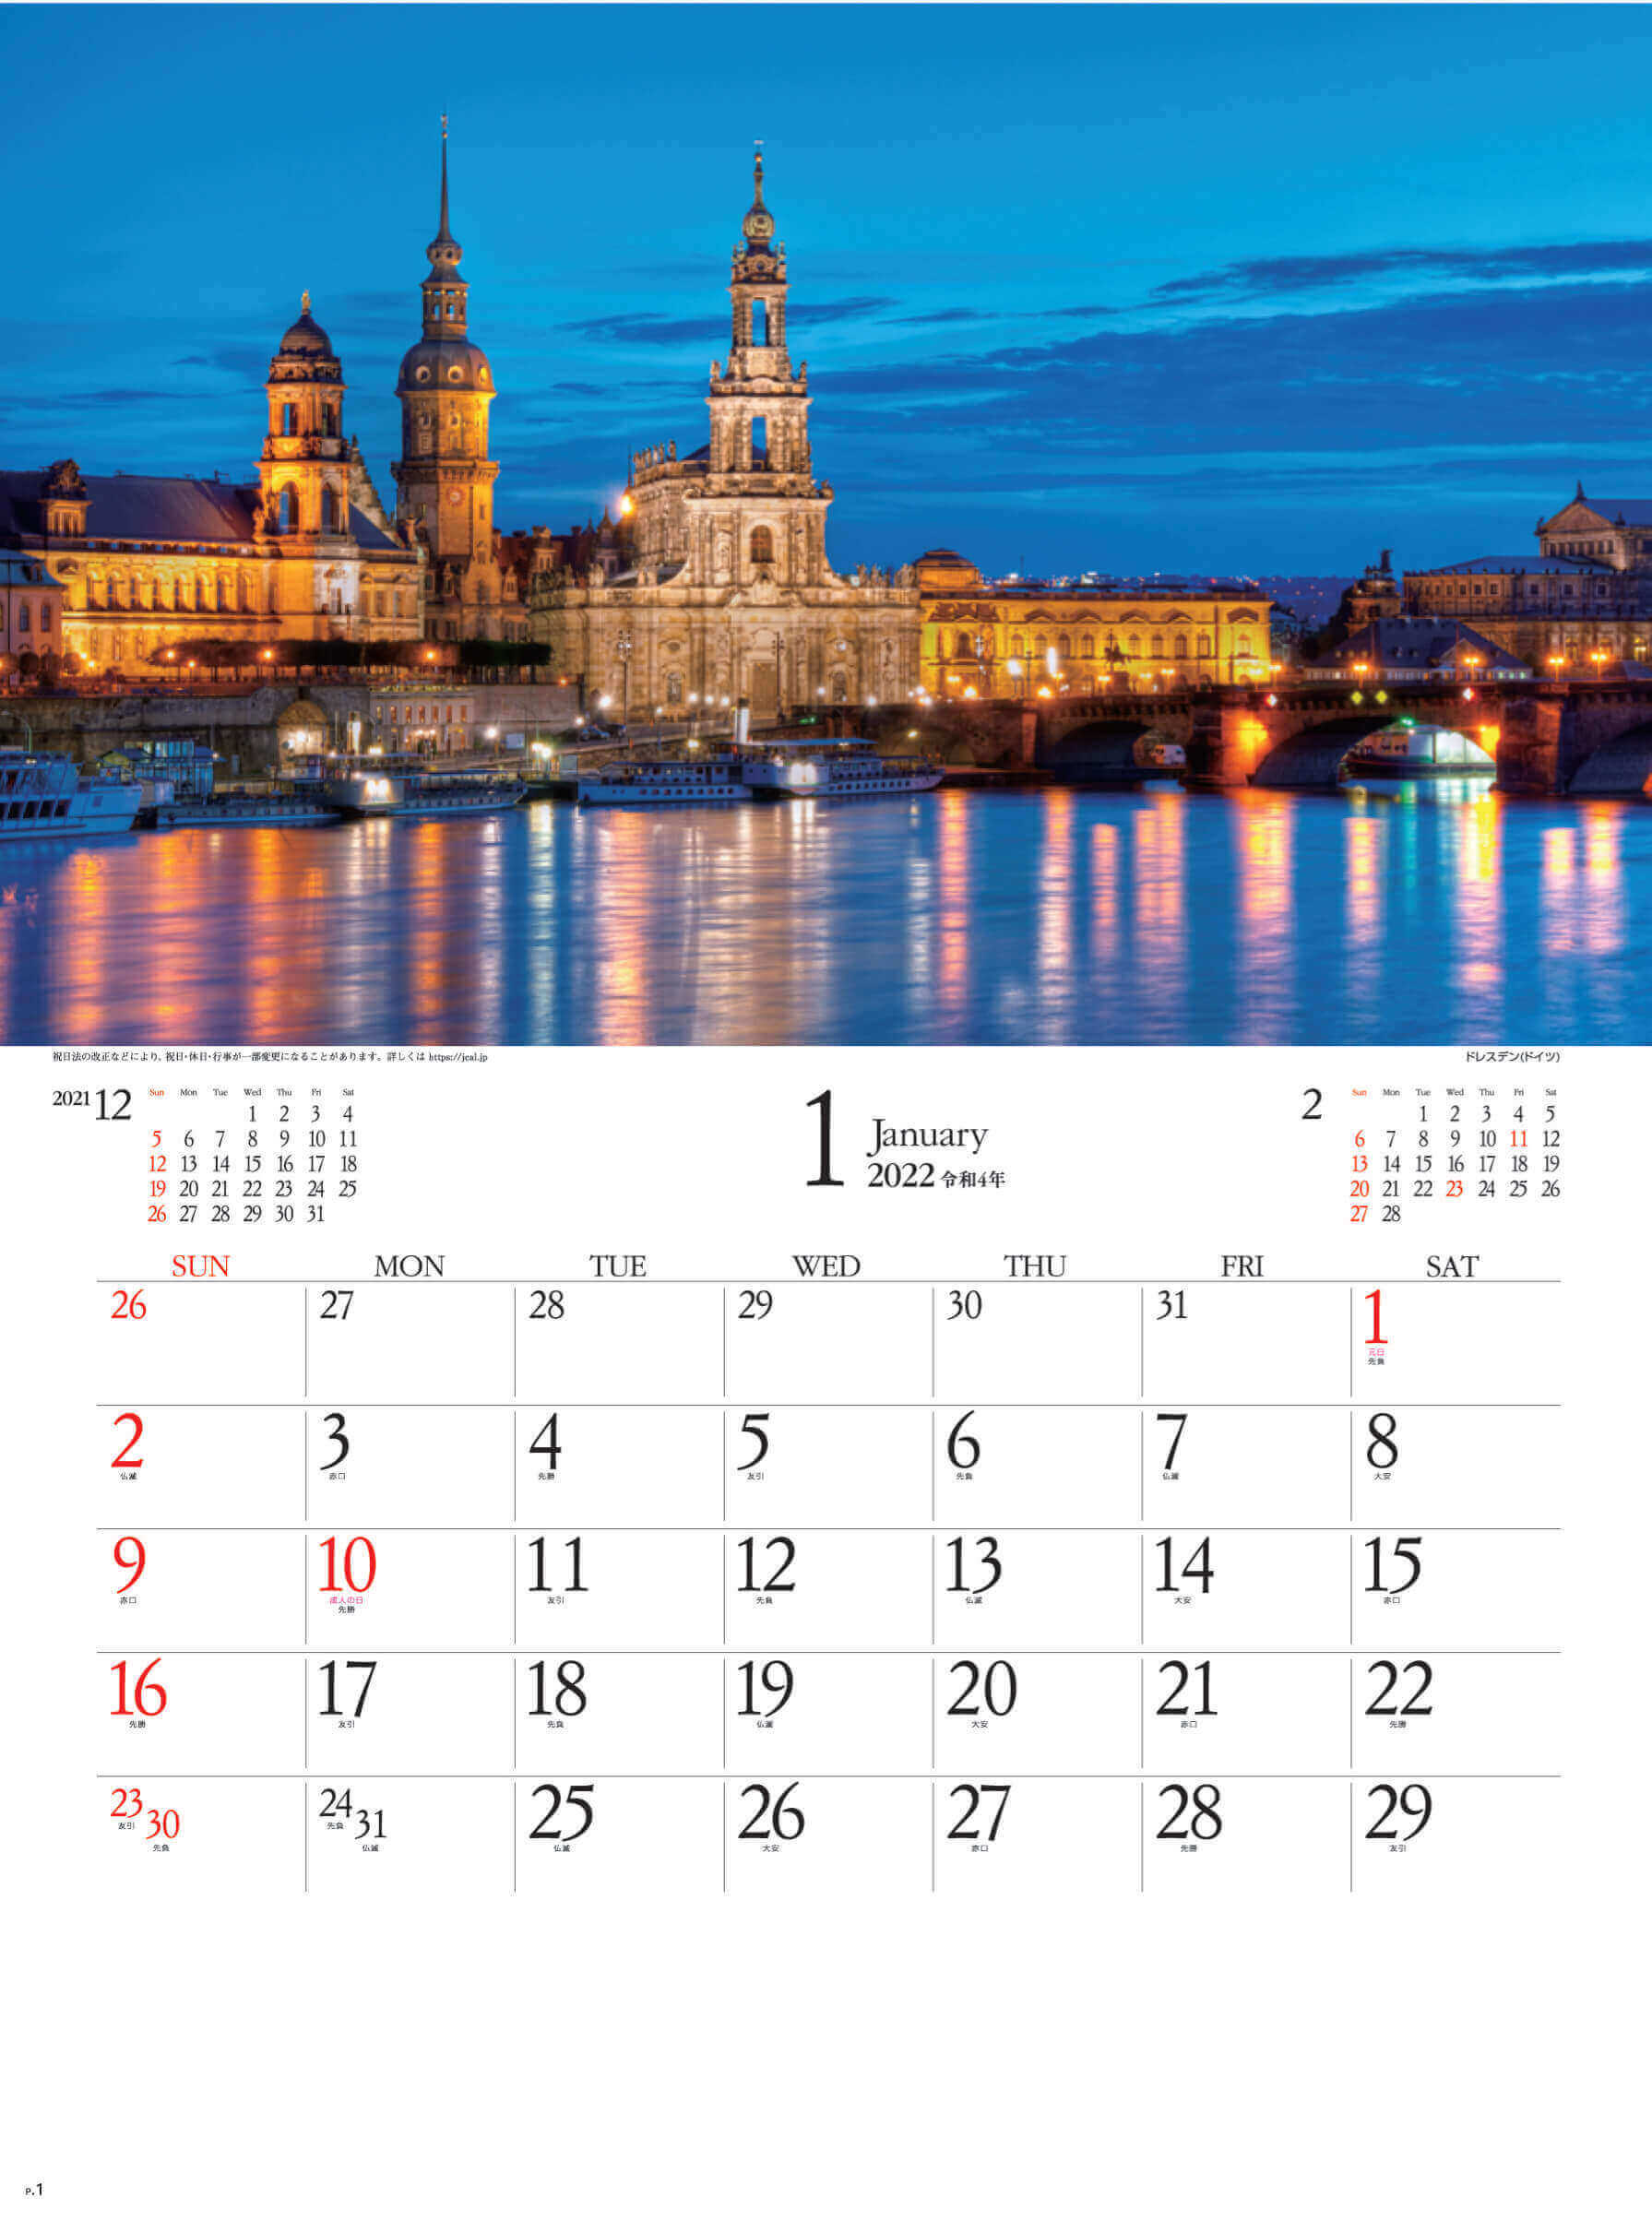 1月 ドレスデン ドイツ エンドレスシティ・世界の夜景 2022年カレンダーの画像